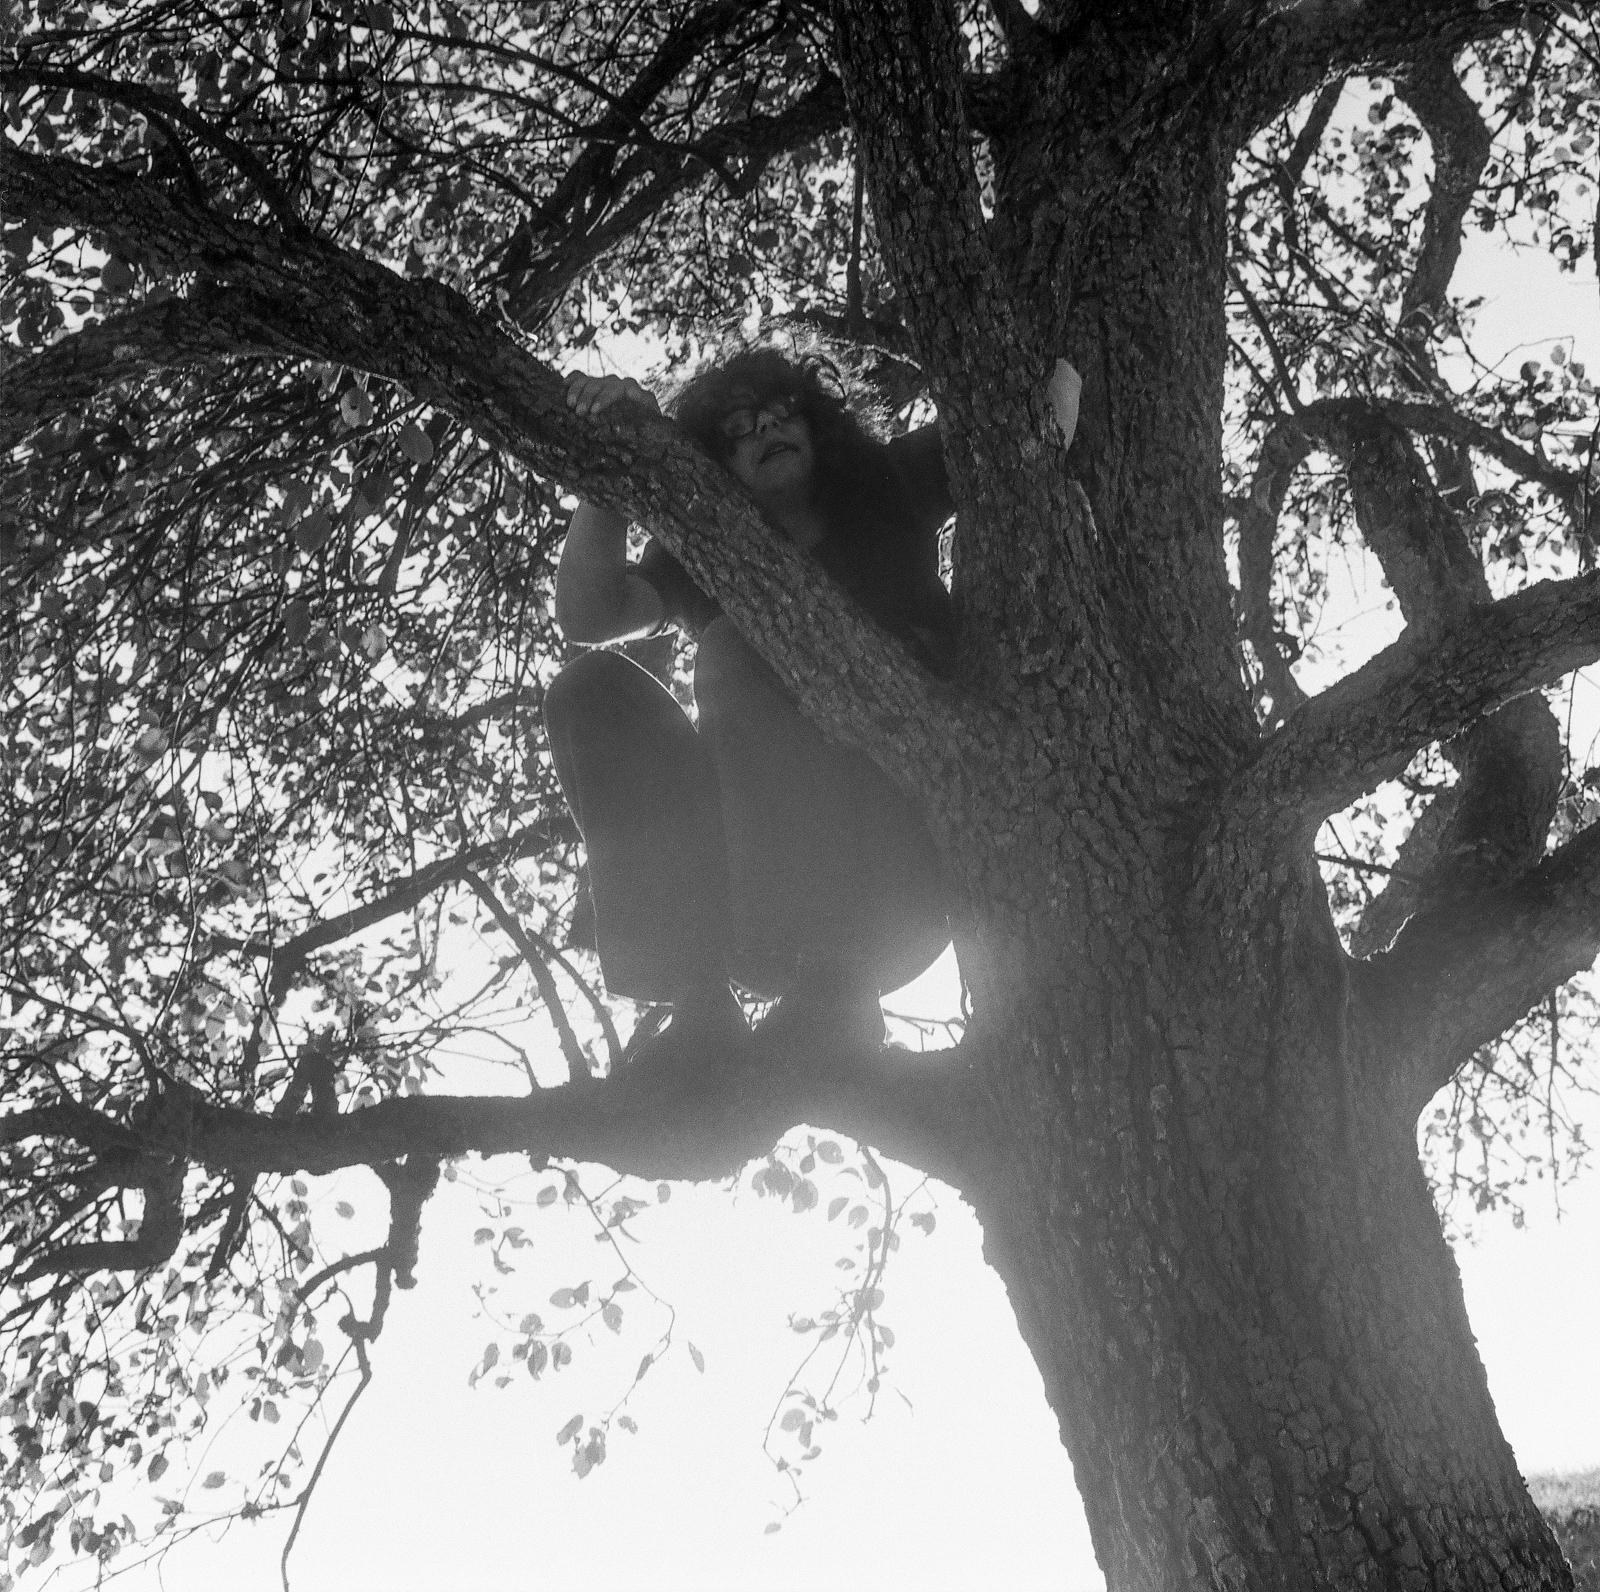 Jumbo on a tree